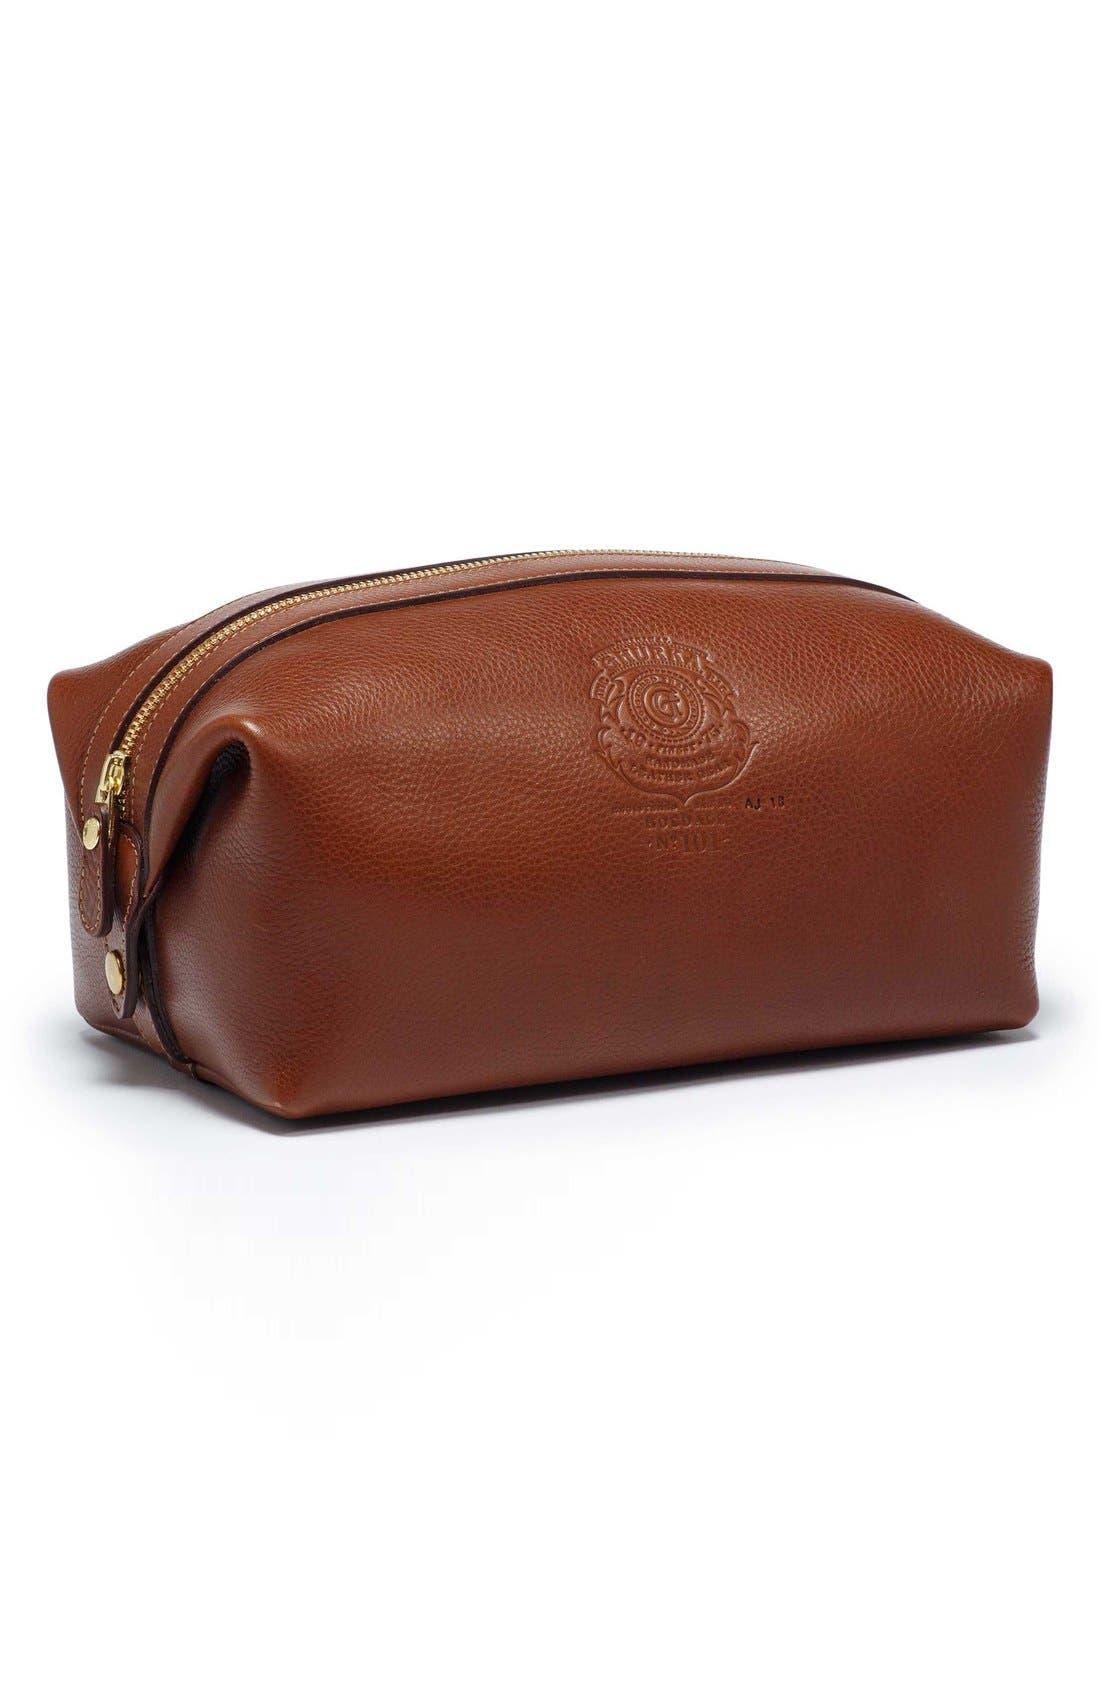 Ghurka Holdall Leather Travel Kit